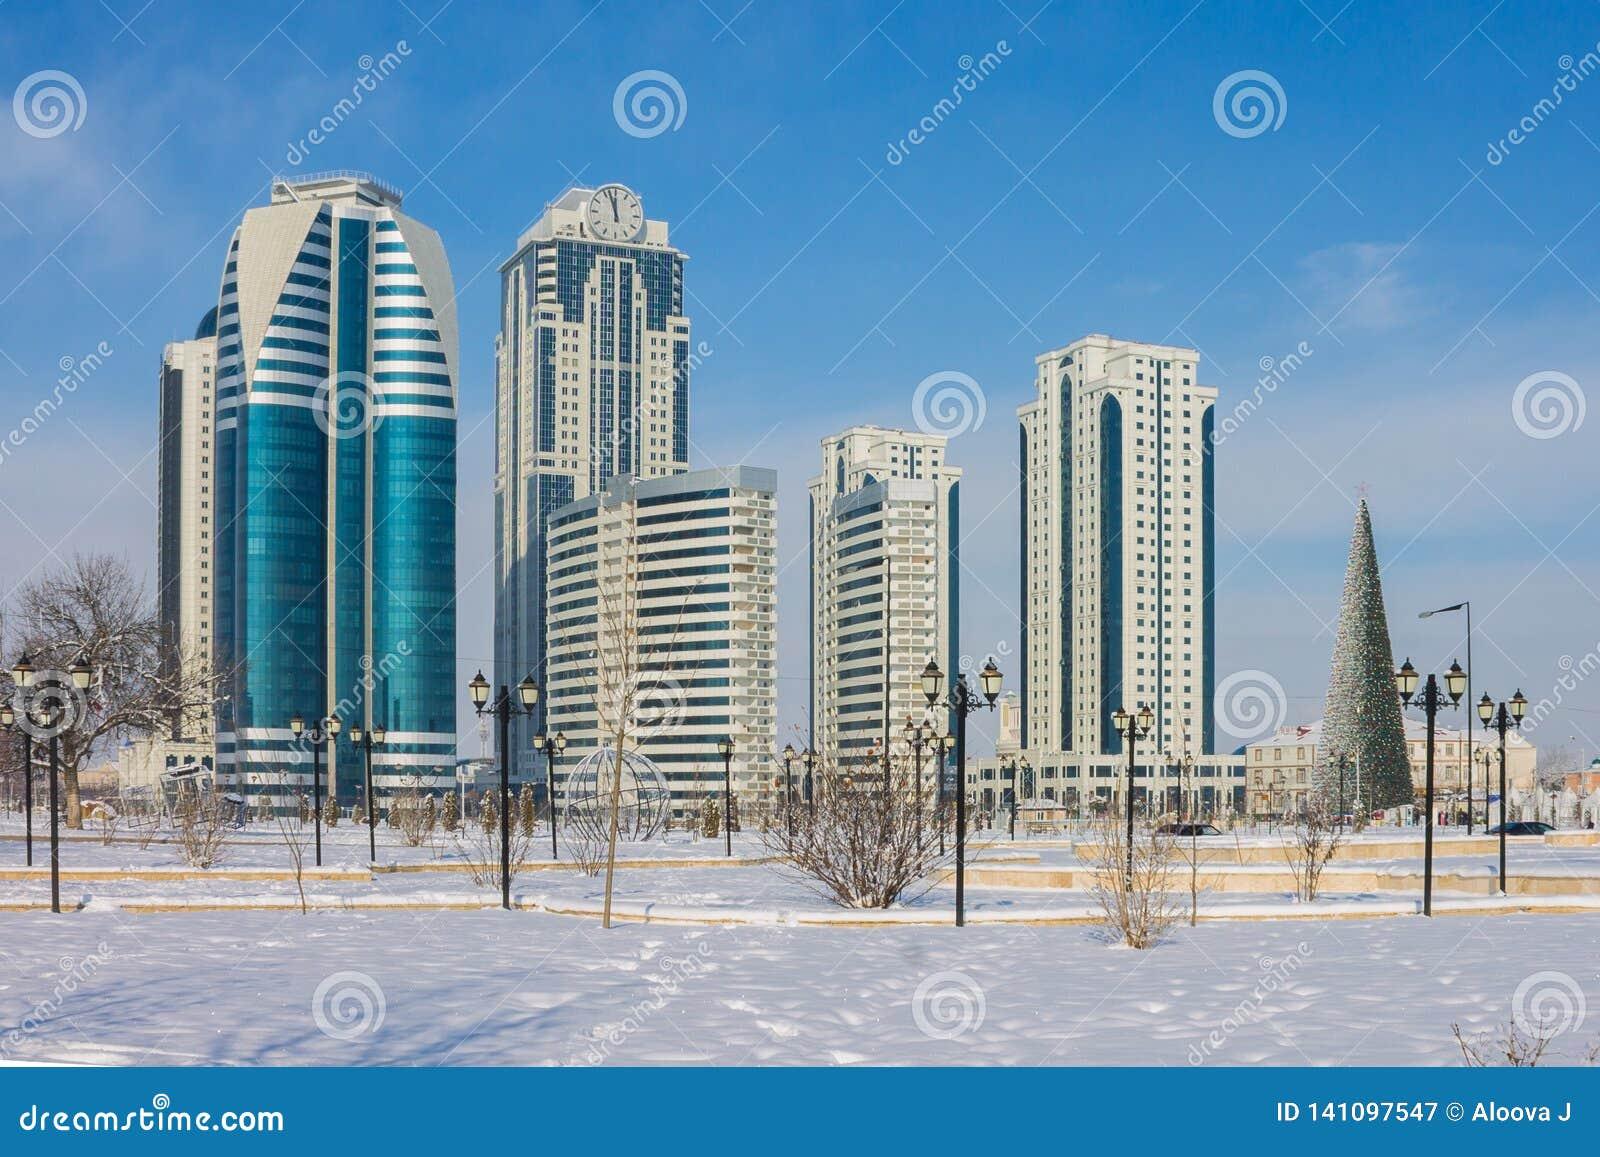 RÚSSIA, Chechnya, Grozniy - 5 de janeiro de 2016: Arranha-céus da Grozny-cidade, república chechena